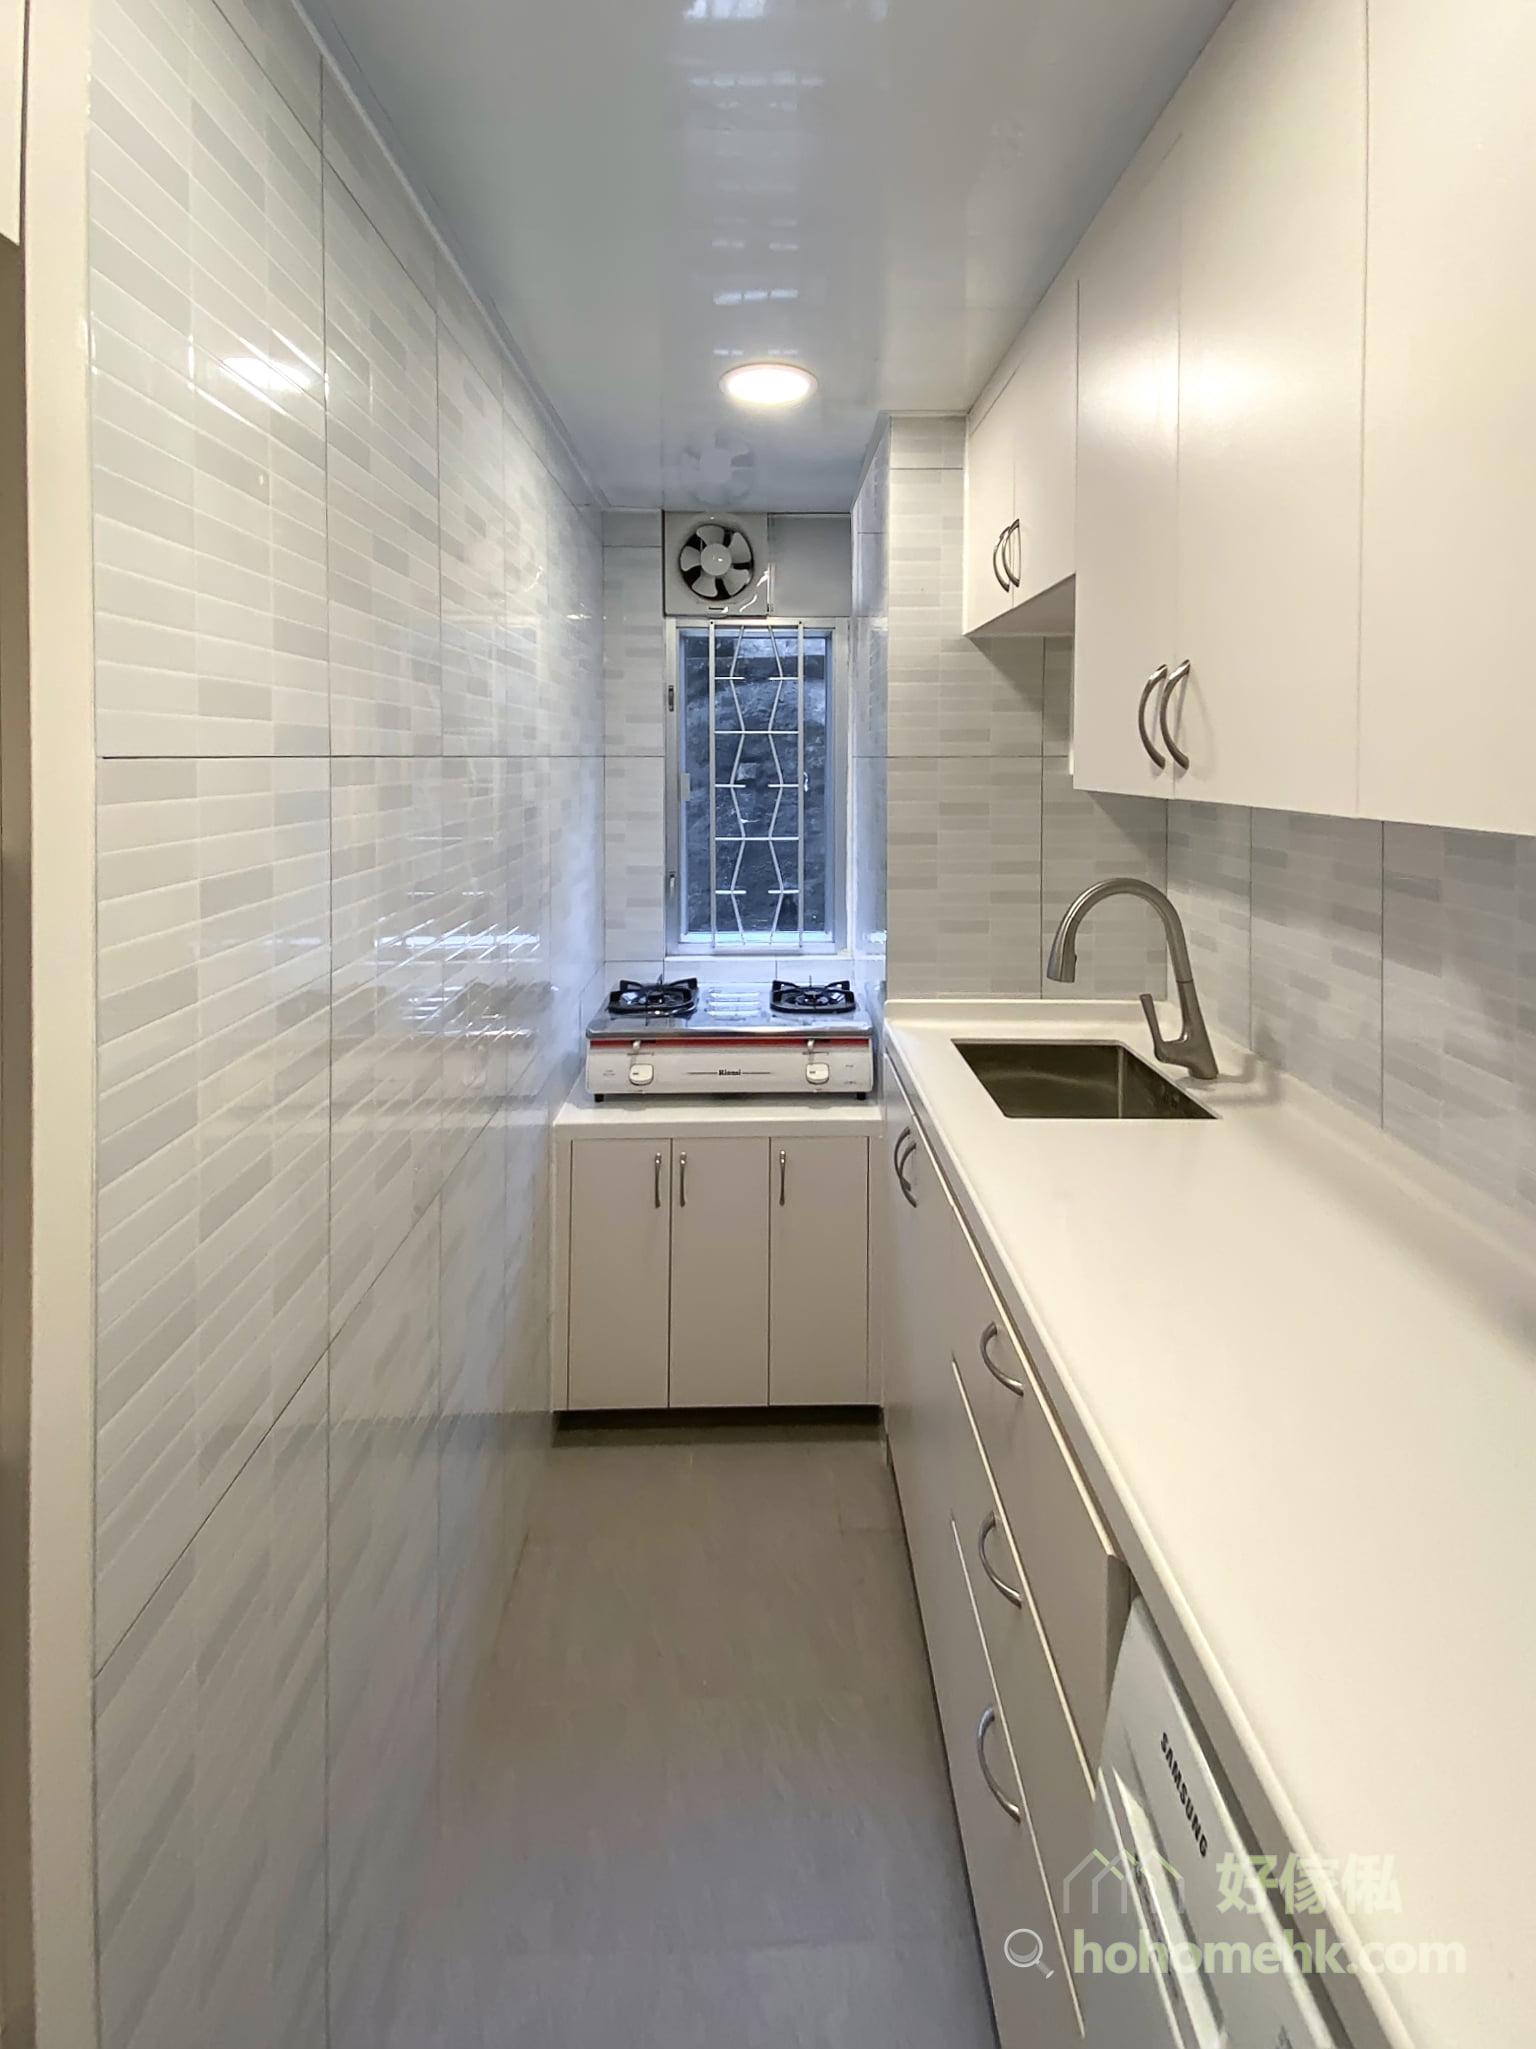 廚房檯面下方的儲物櫃,最好有掩門櫃和抽屜兩種收納方式,擺放不同的廚具